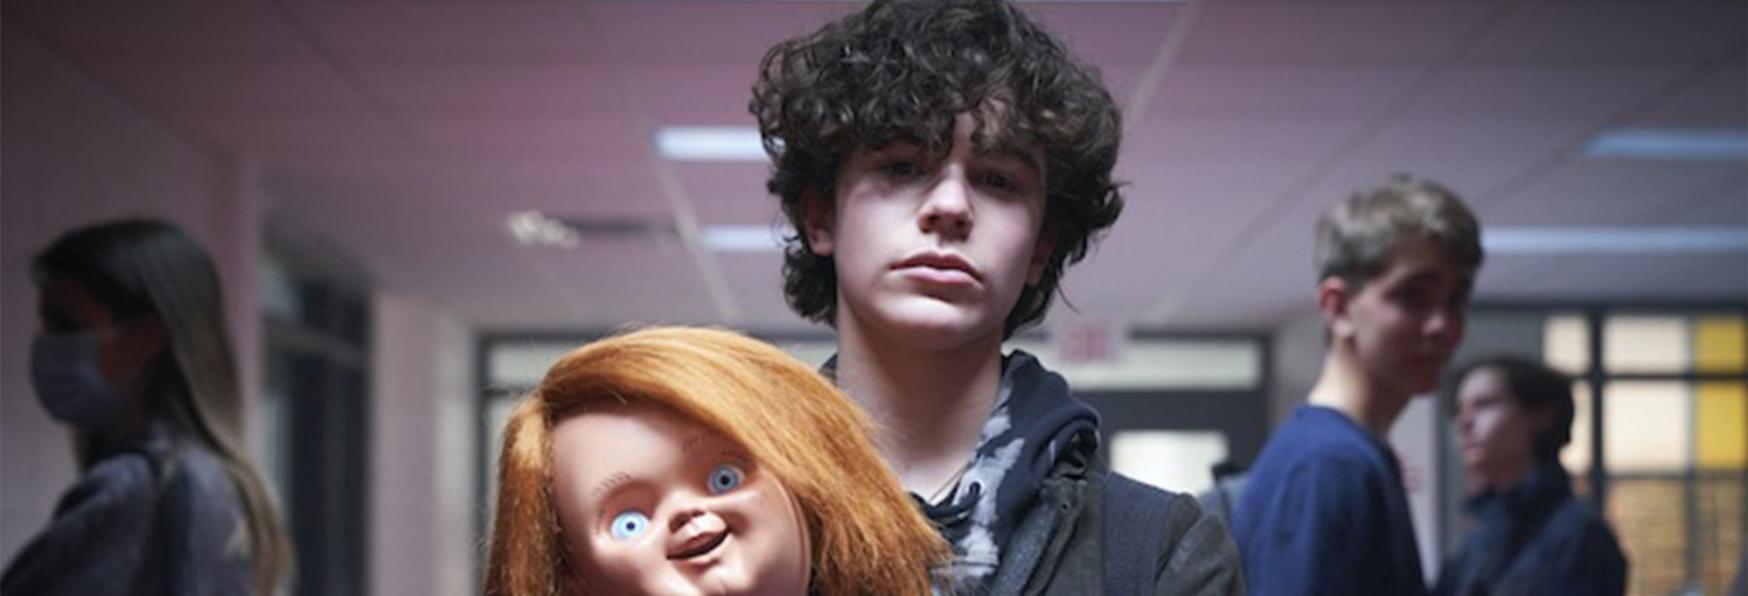 Chucky: Svelato il nuovo Poster della Serie TV Horror targata SYFY